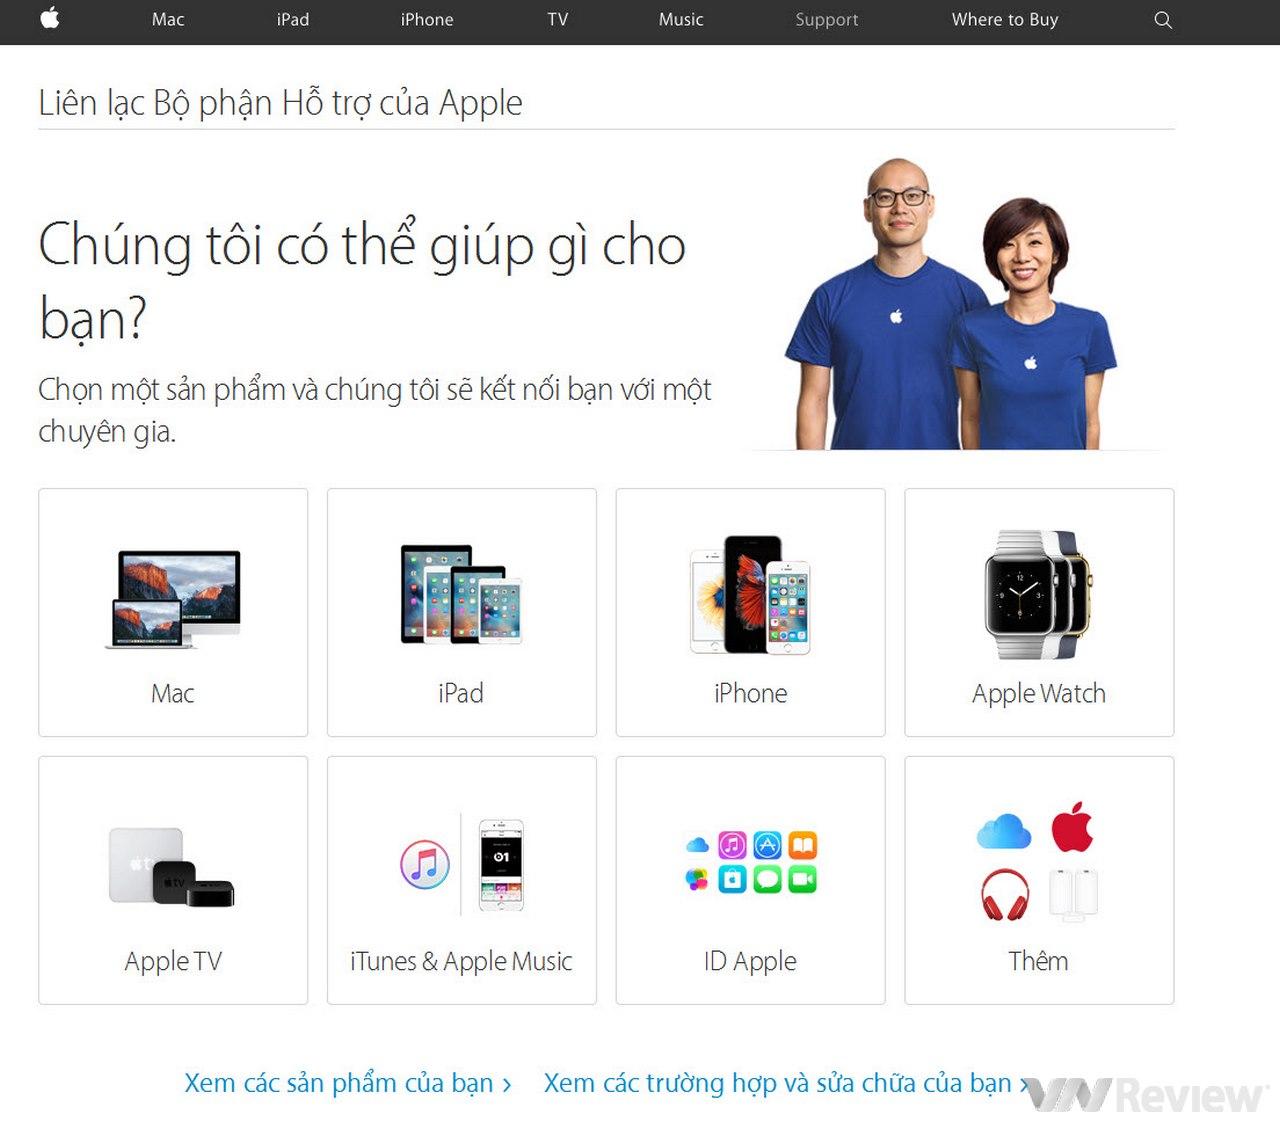 Apple mở tổng đài hỗ trợ bằng Tiếng Việt, máy xách tay cũng nhận